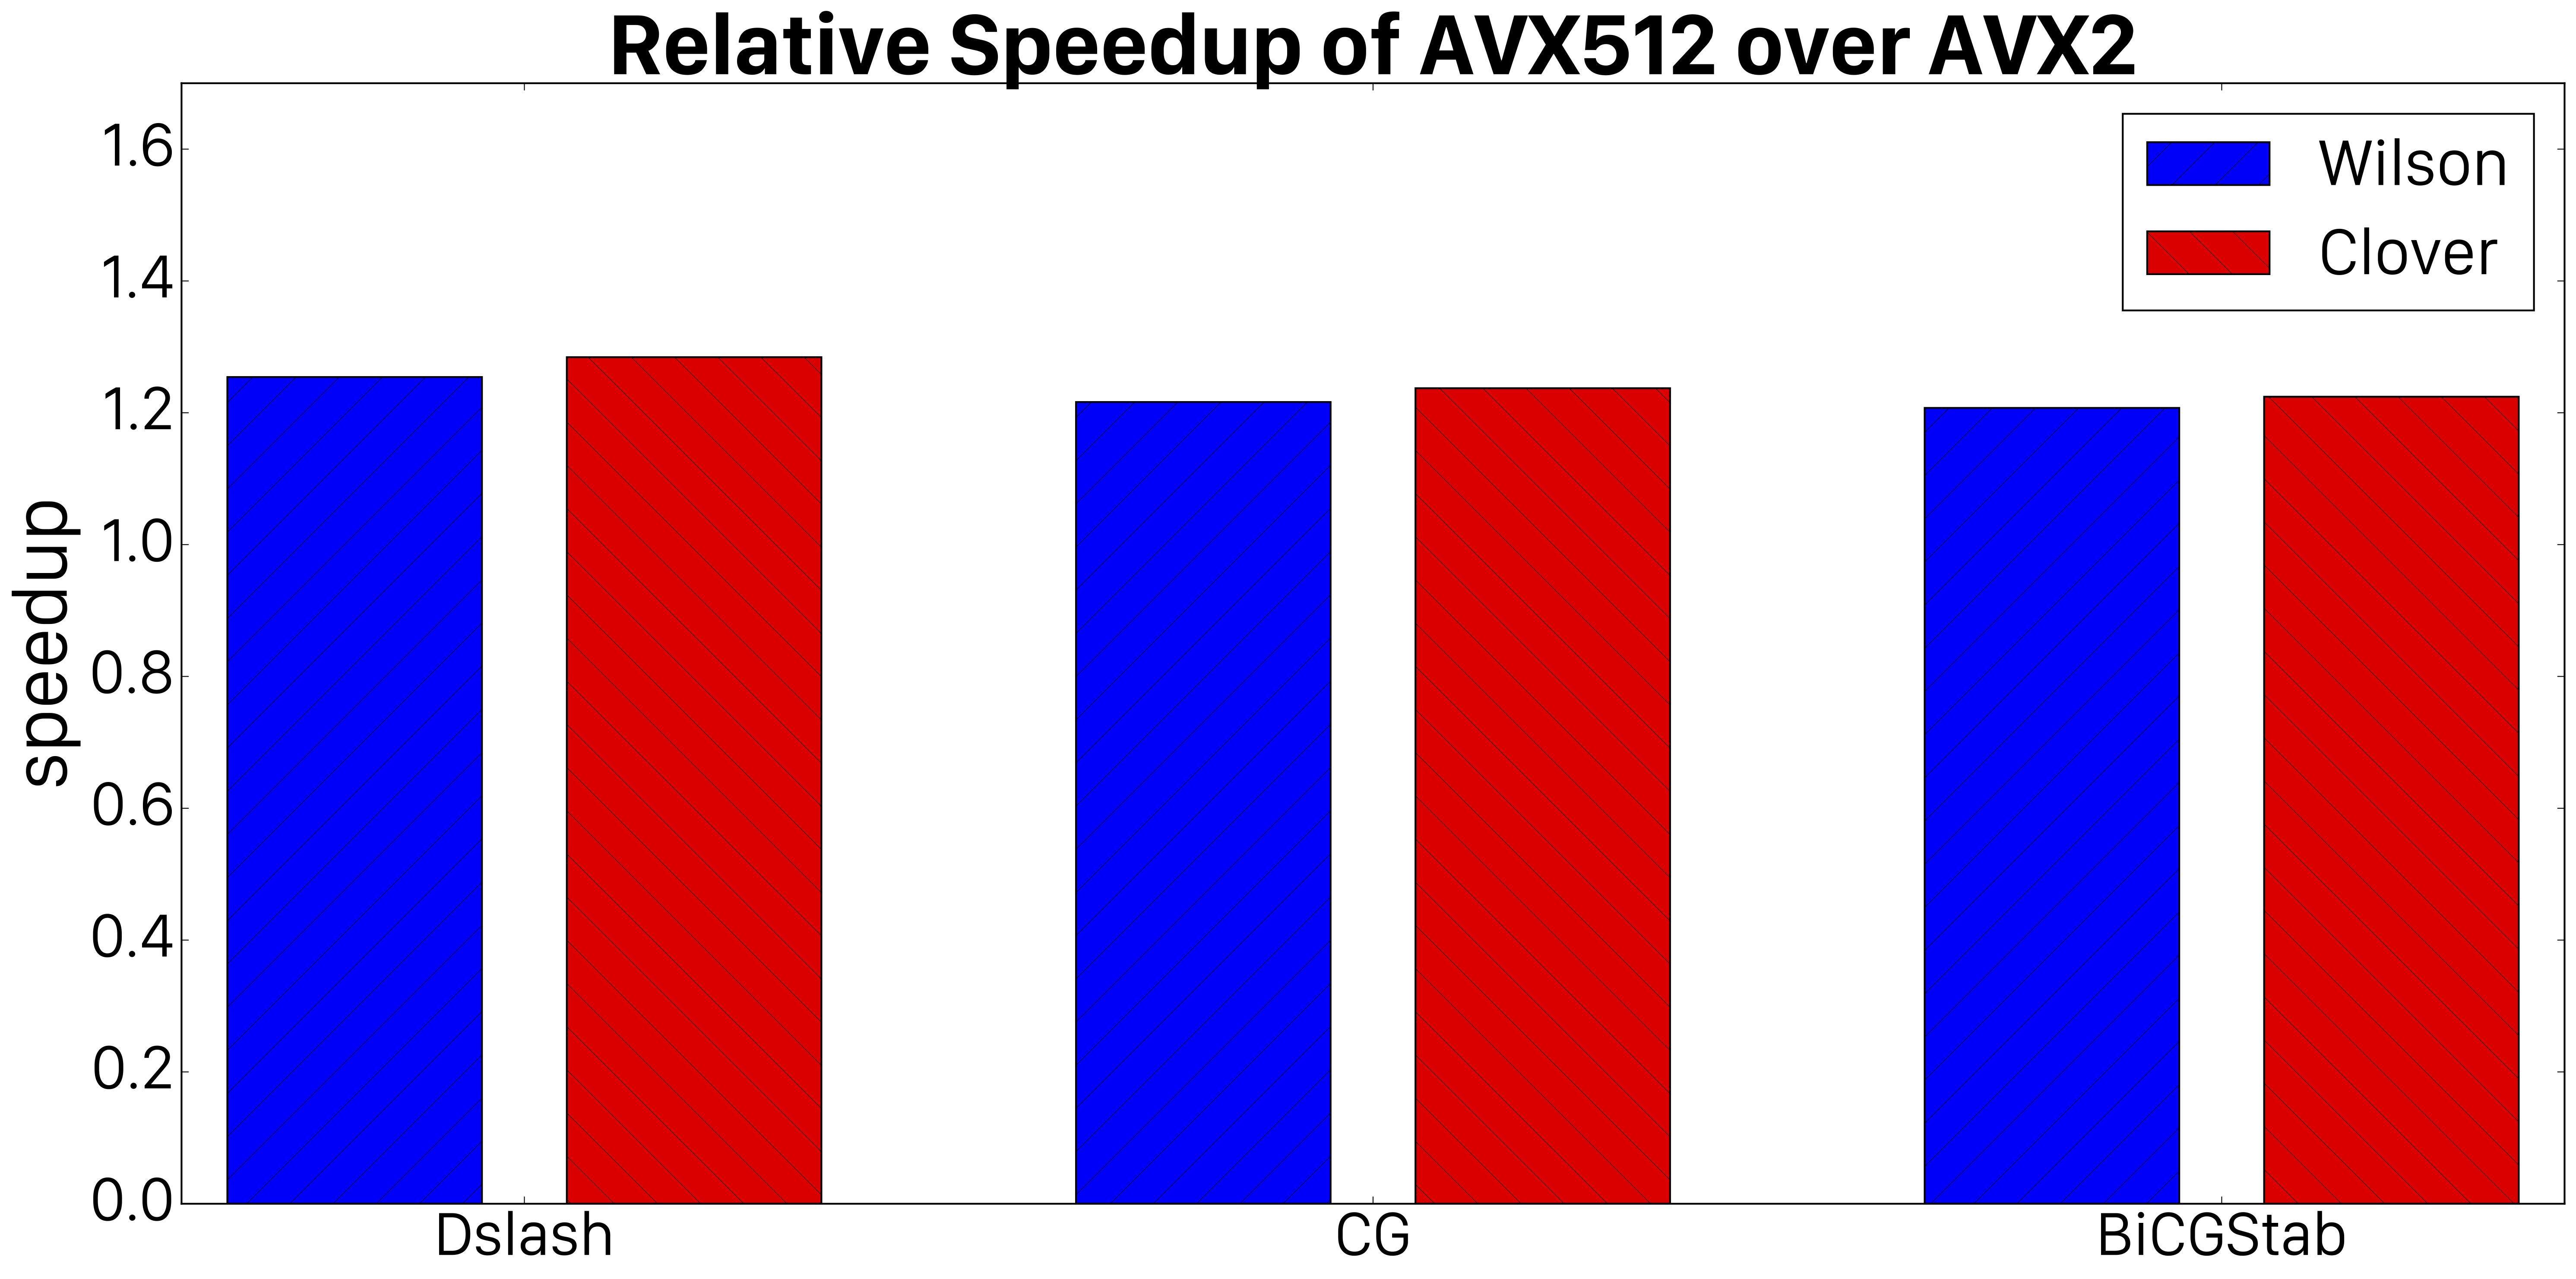 docs/performance/case-studies/qphix/images/avx_comparison.png